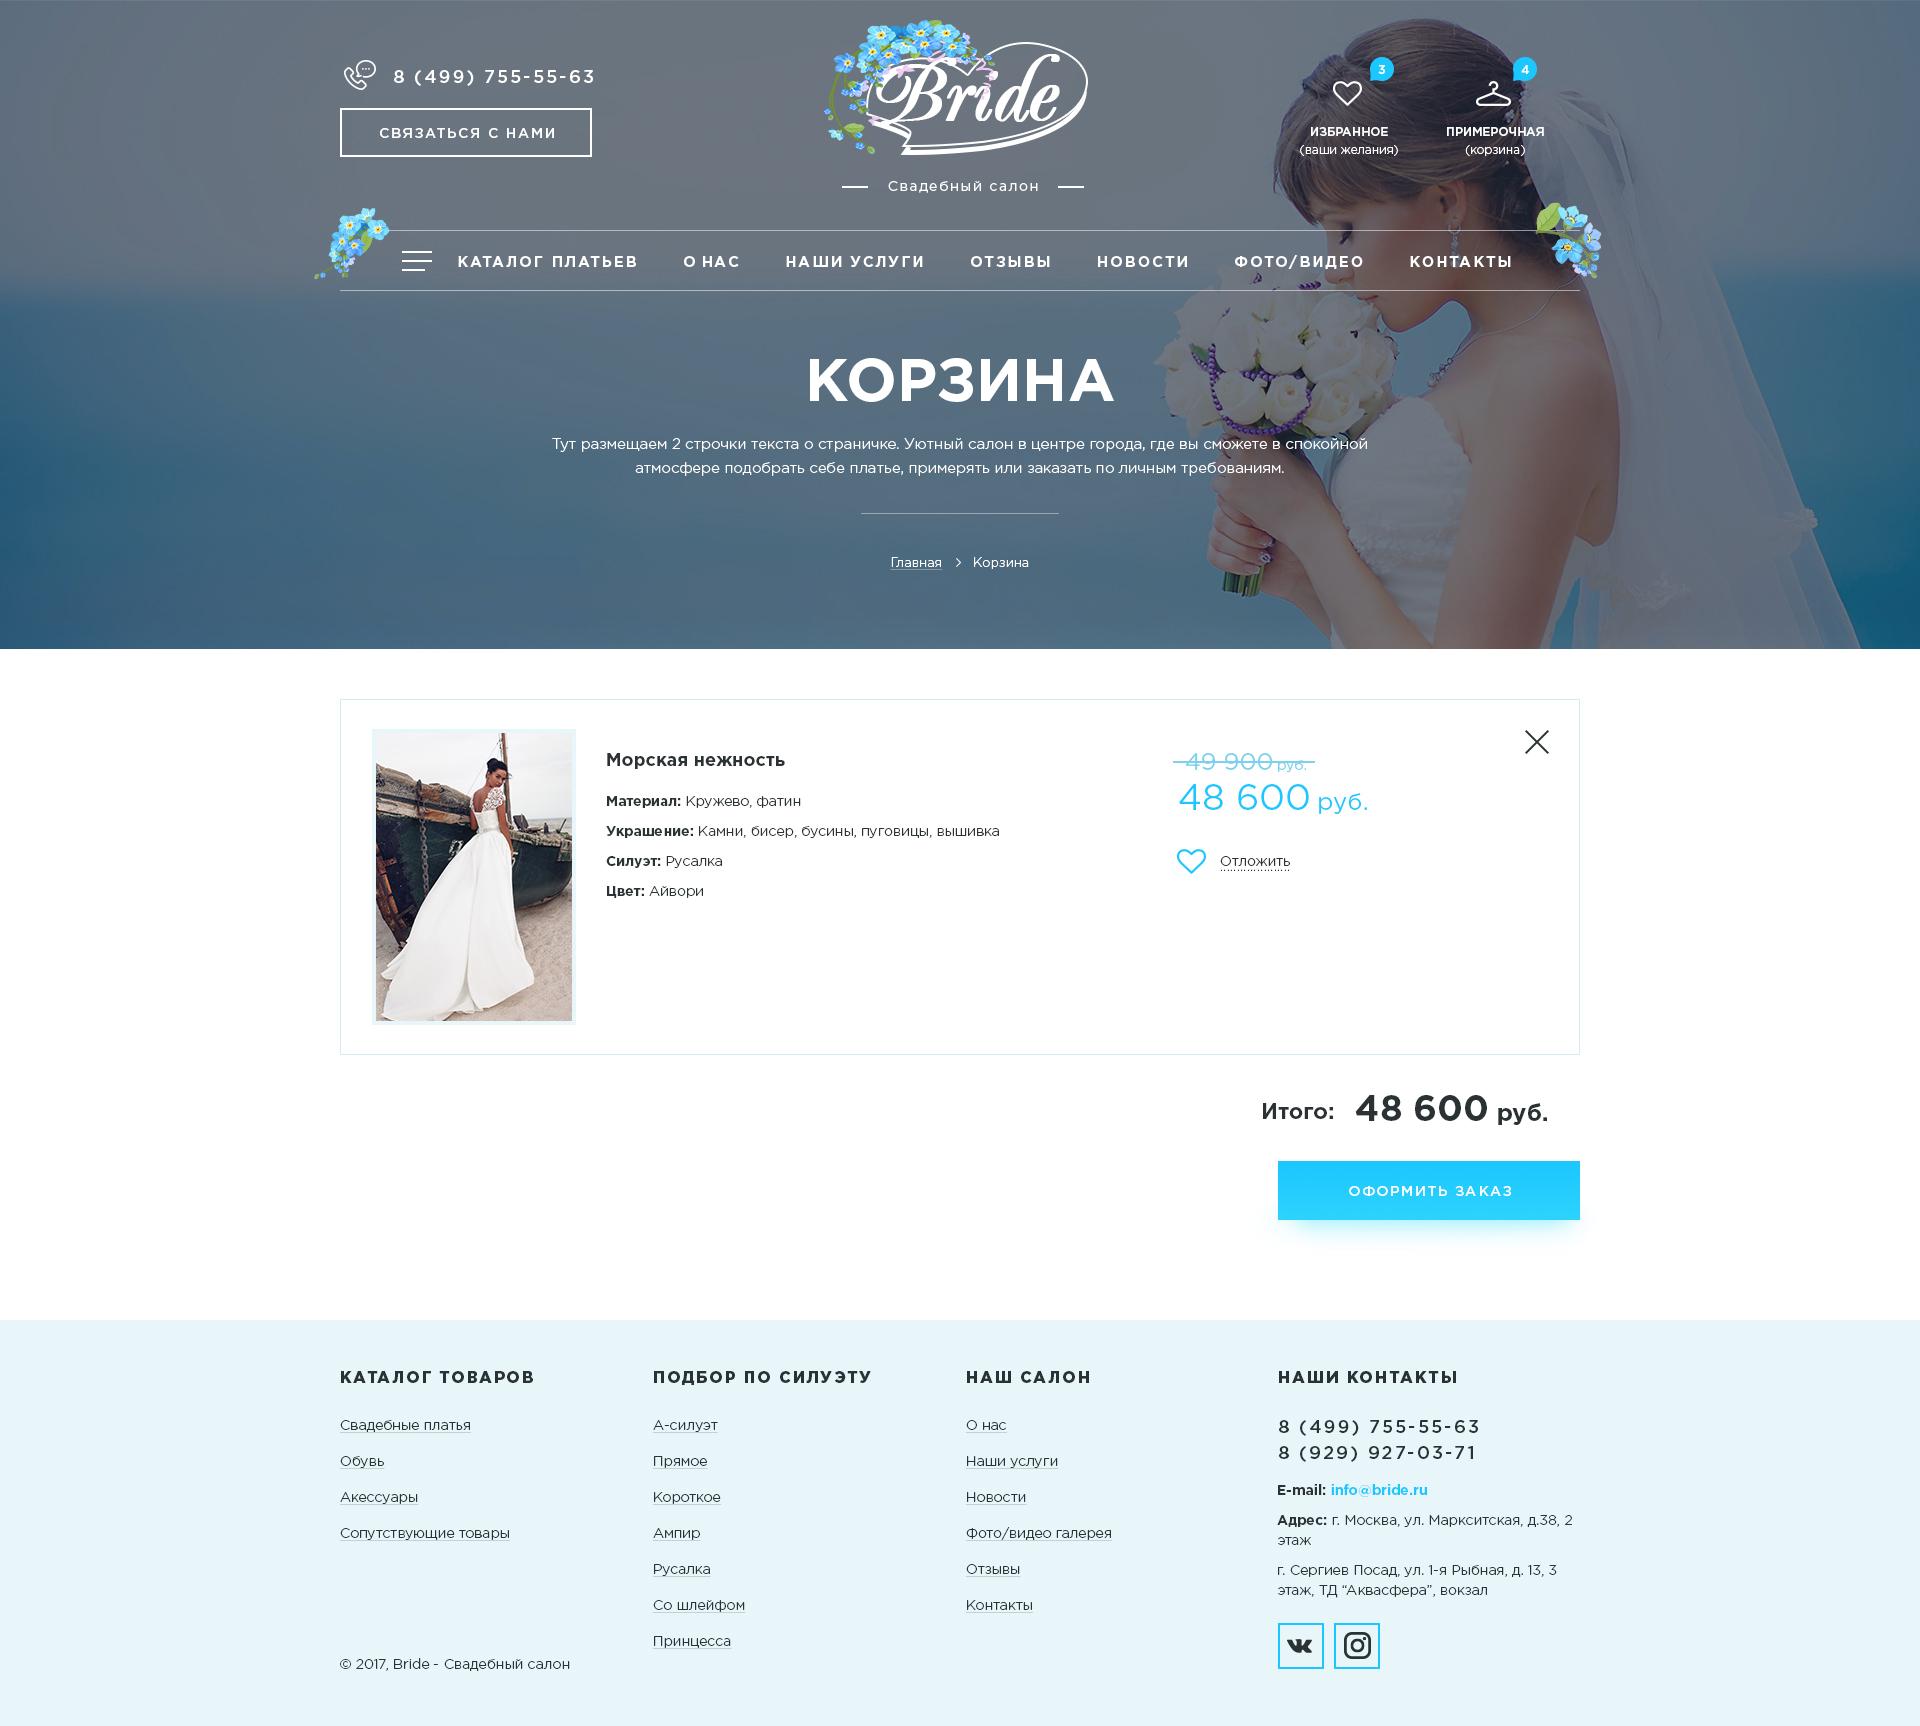 Bride_korzina